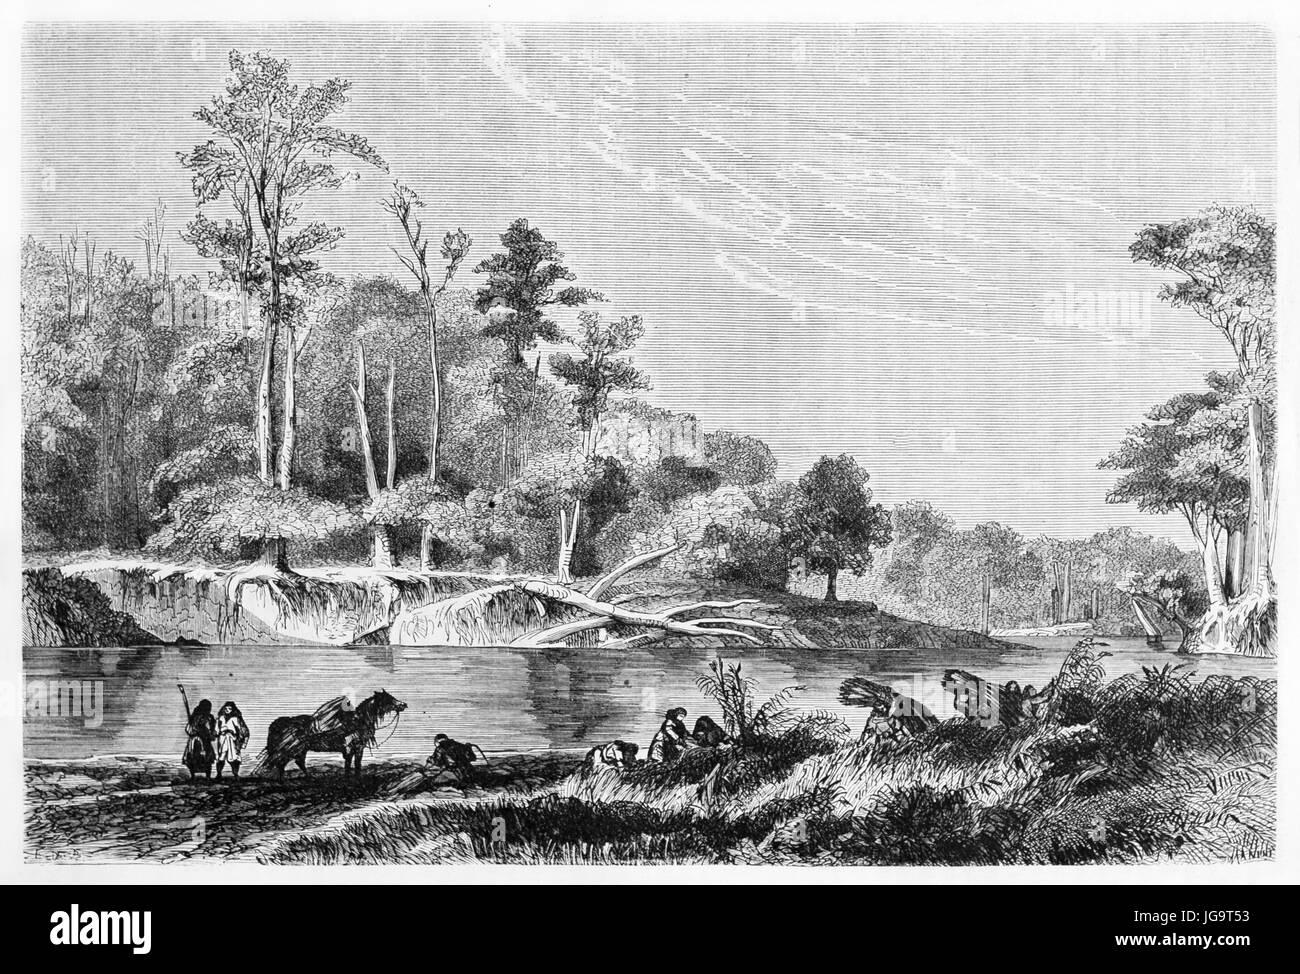 Old view of Sedger river, Chile. Created by De Bèrard, published on Le Tour du Monde, Paris, 1861 - Stock Image